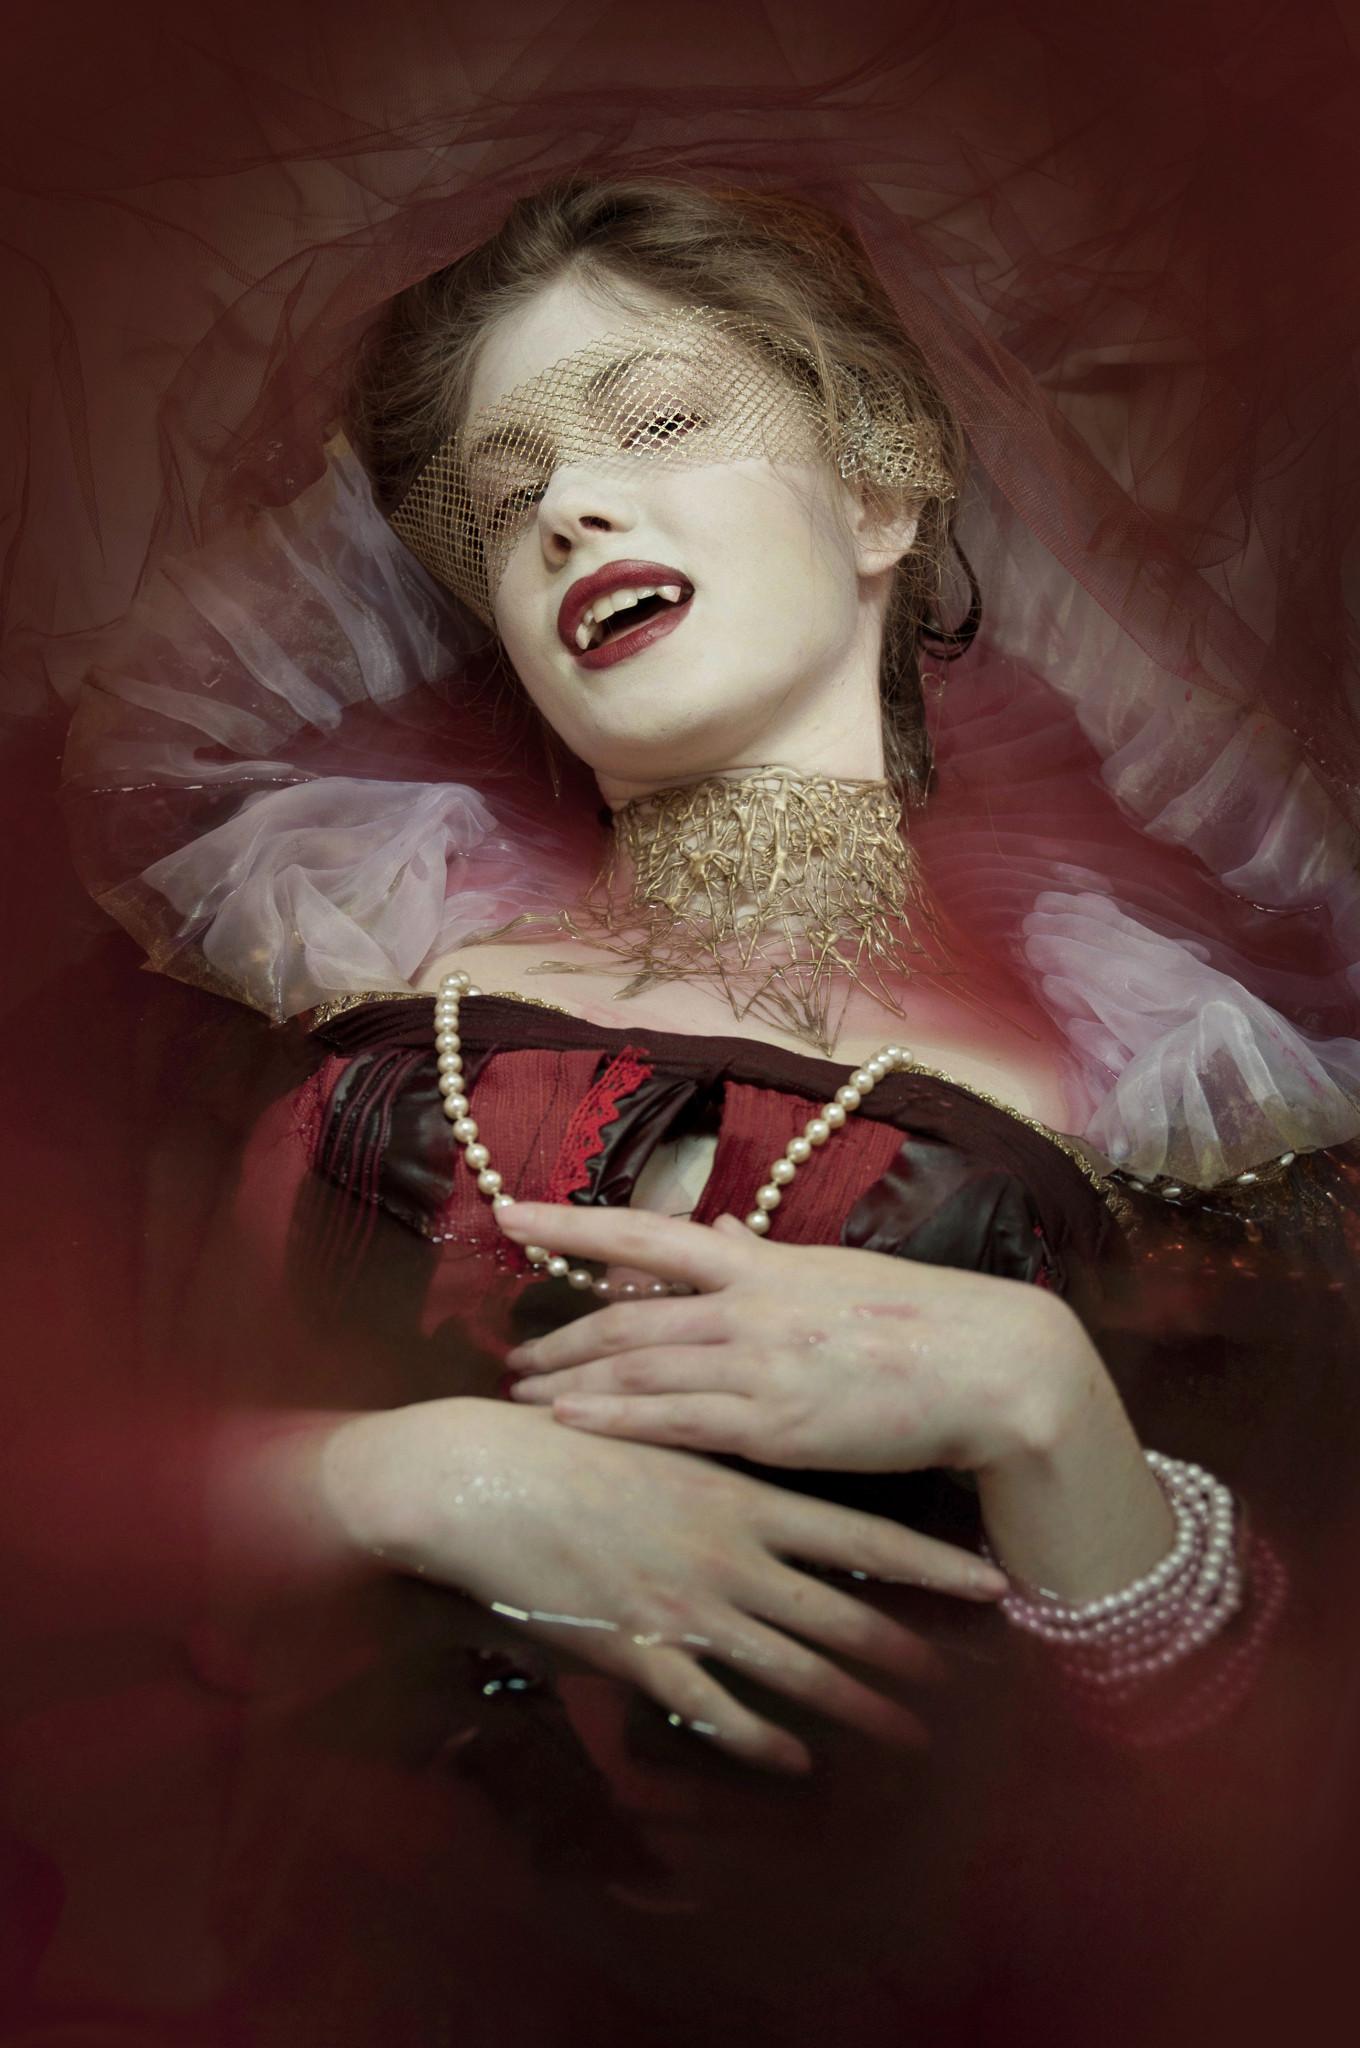 vampire countess movie